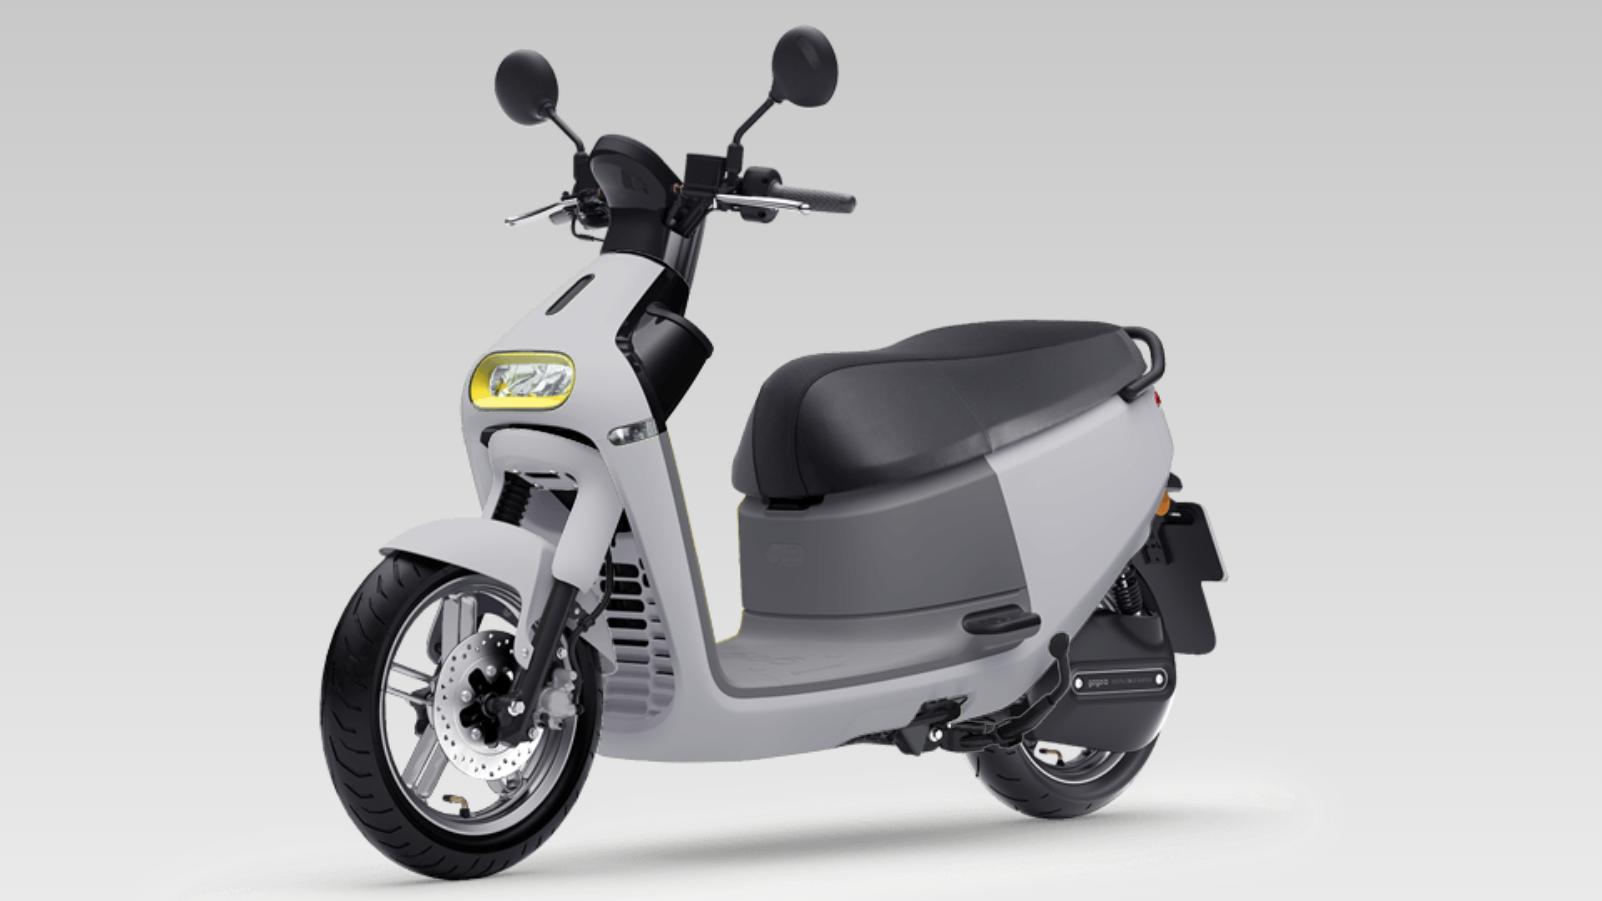 獲網路聲量榜首!Gogoro 3 Plus 芝麻灰新色上市